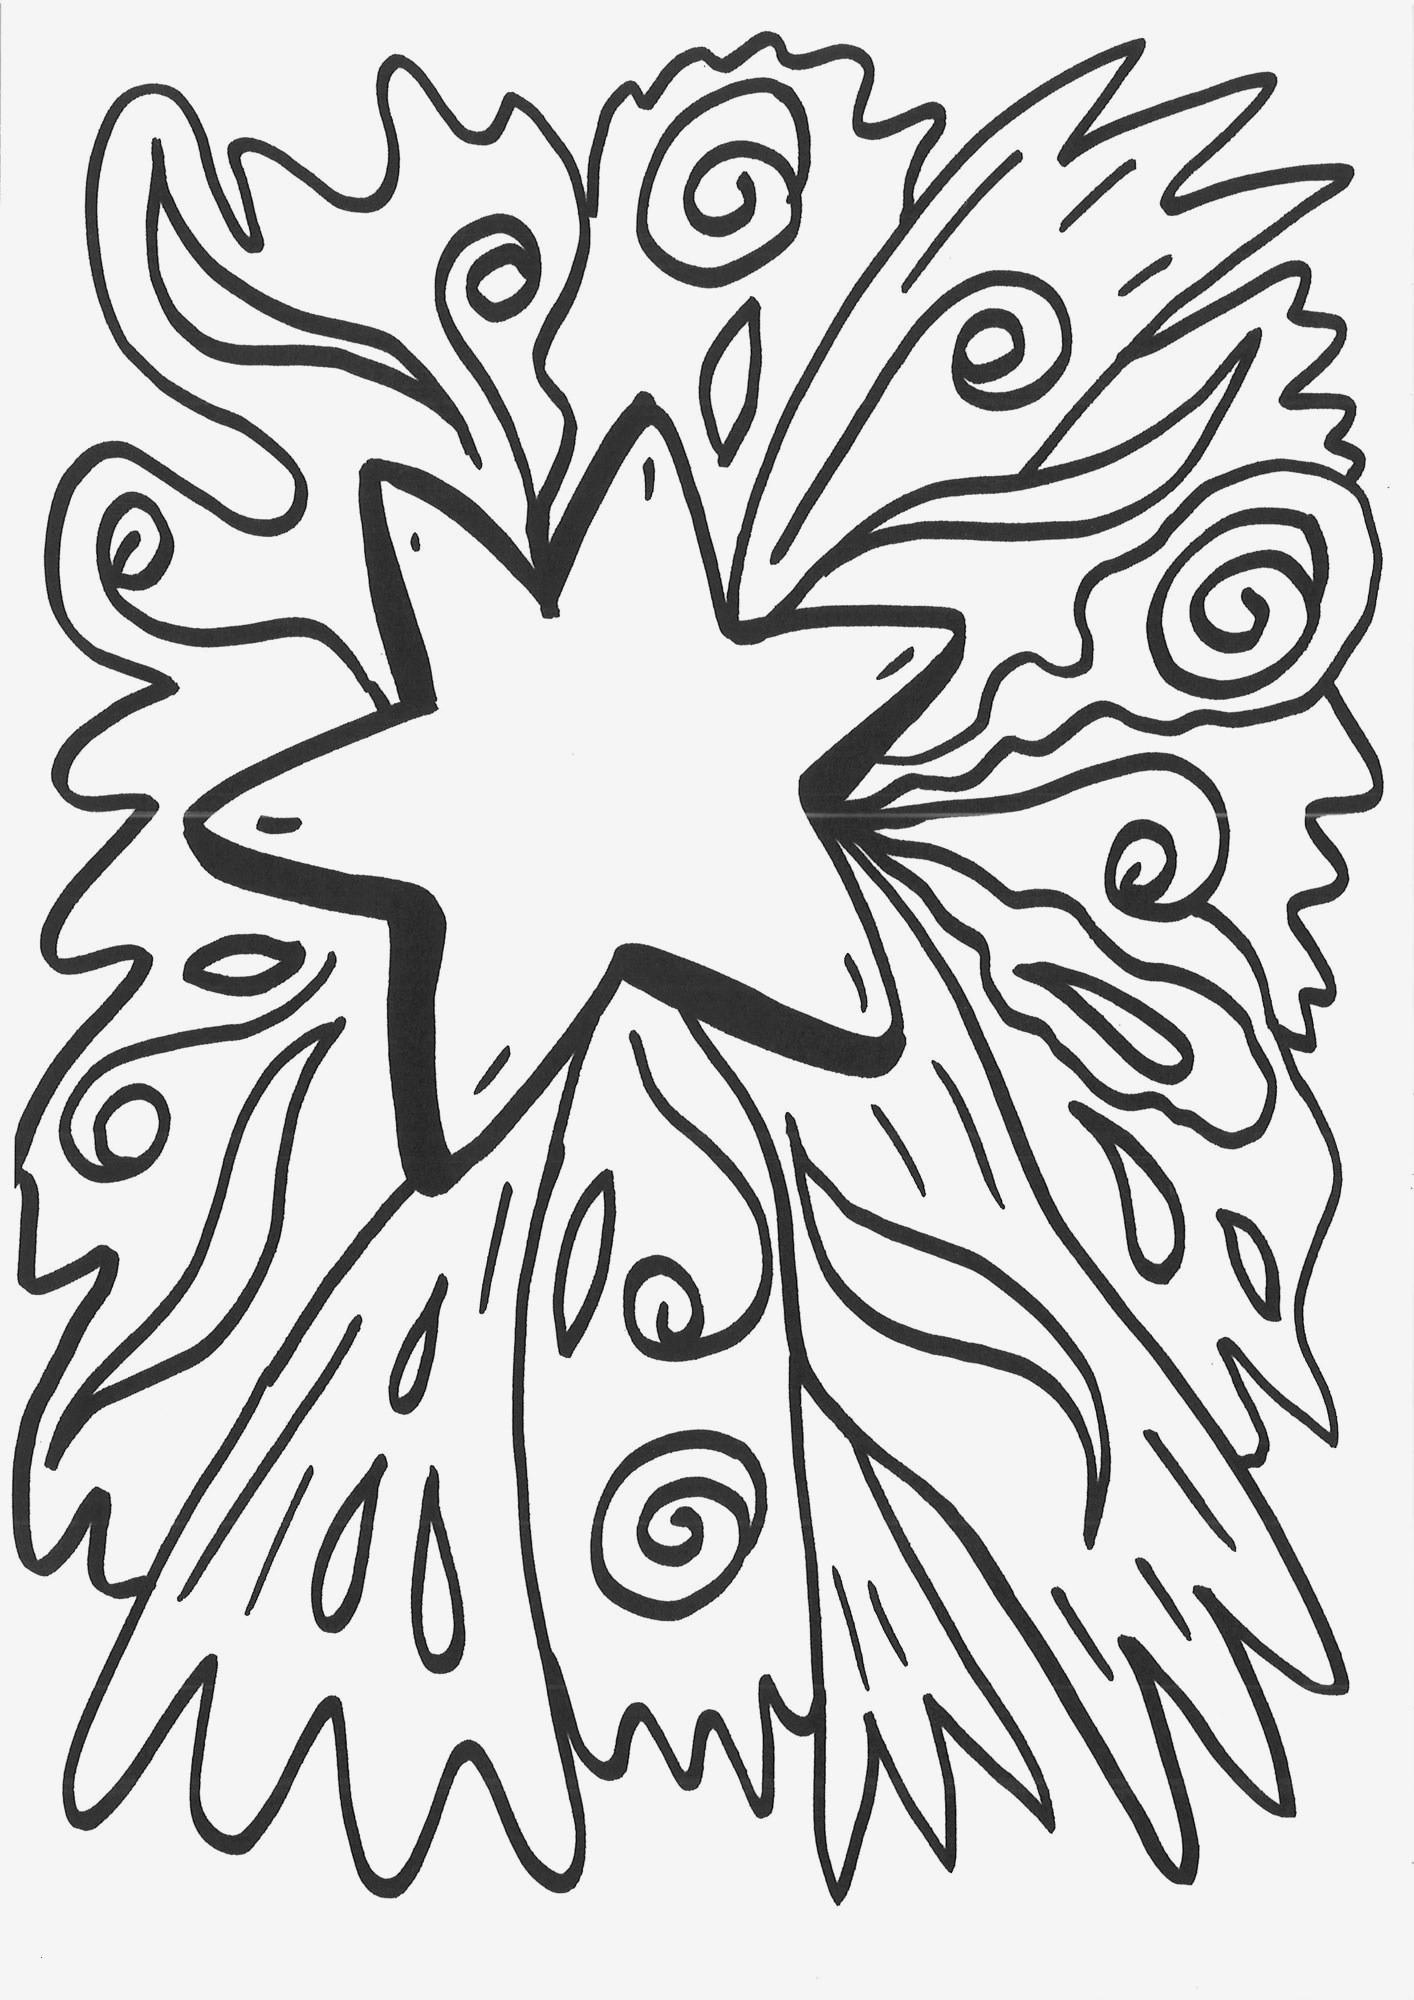 Stern Weihnachten Malvorlage Einzigartig 35 Sterne Ausmalbilder Scoredatscore Schön Weihnachten Ausmalbilder Das Bild